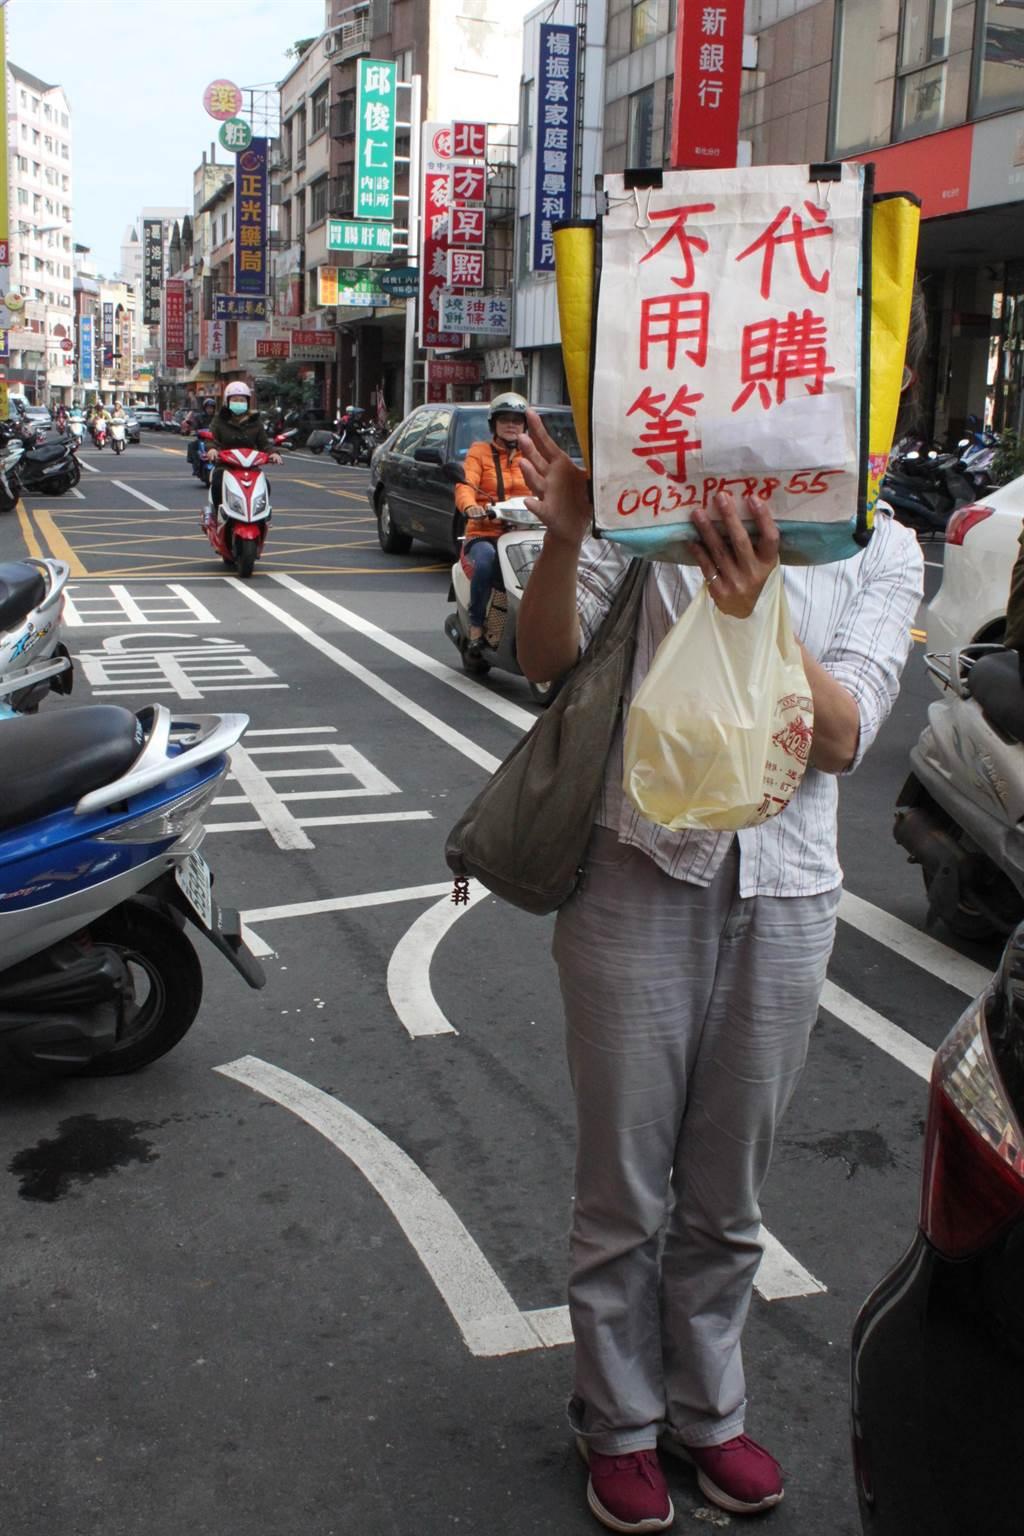 彰化不二家蛋黃酥已經改名「不二坊」,代購業者還是滿街兜售。(吳敏菁攝)